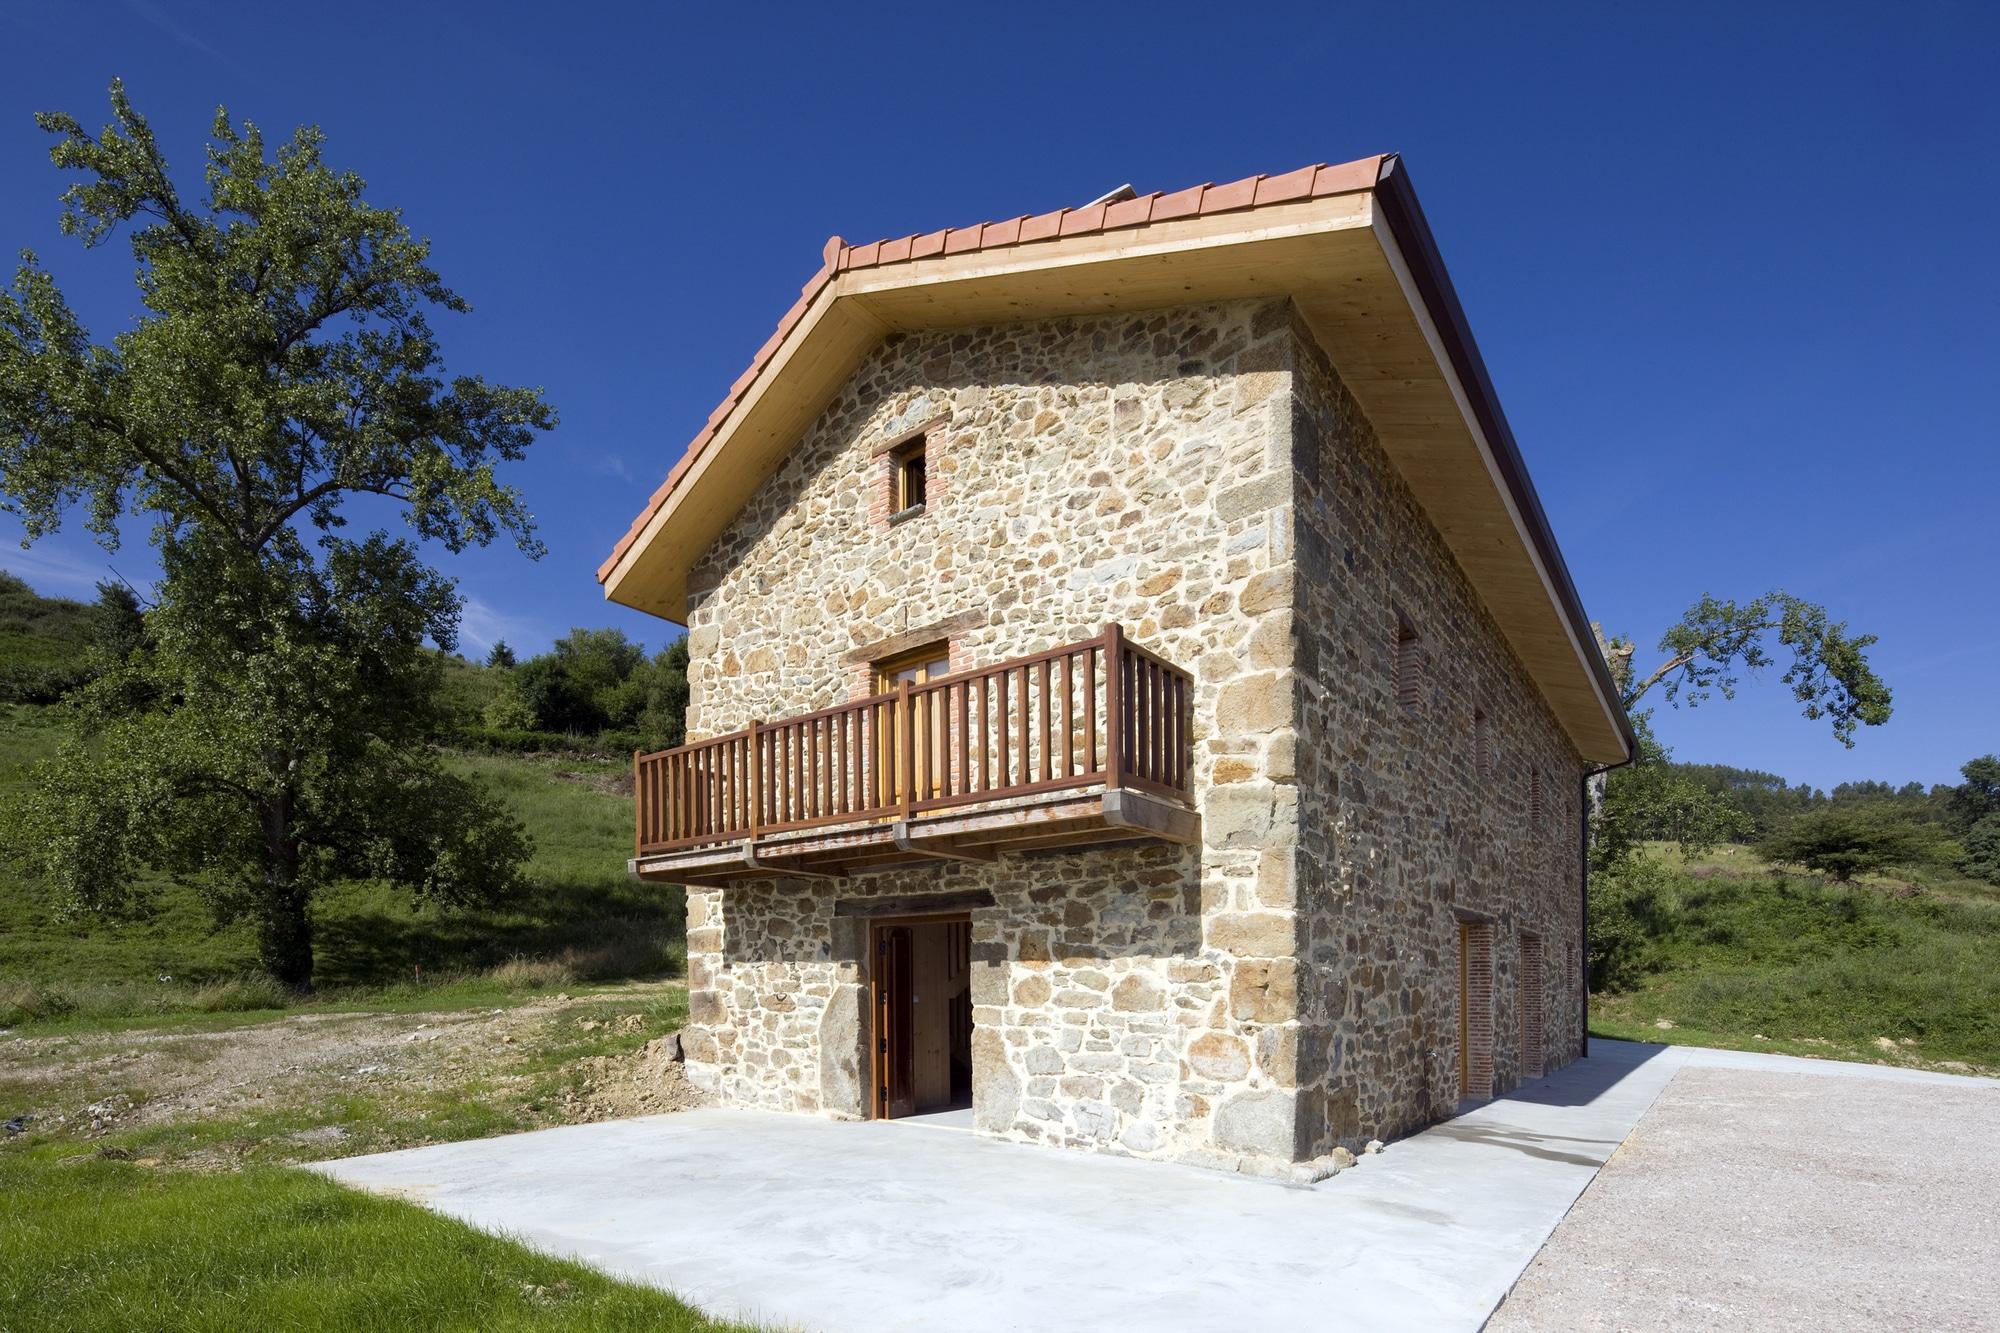 Dise o de casa r stica de piedra planos construye hogar - Construccion casas de piedra ...